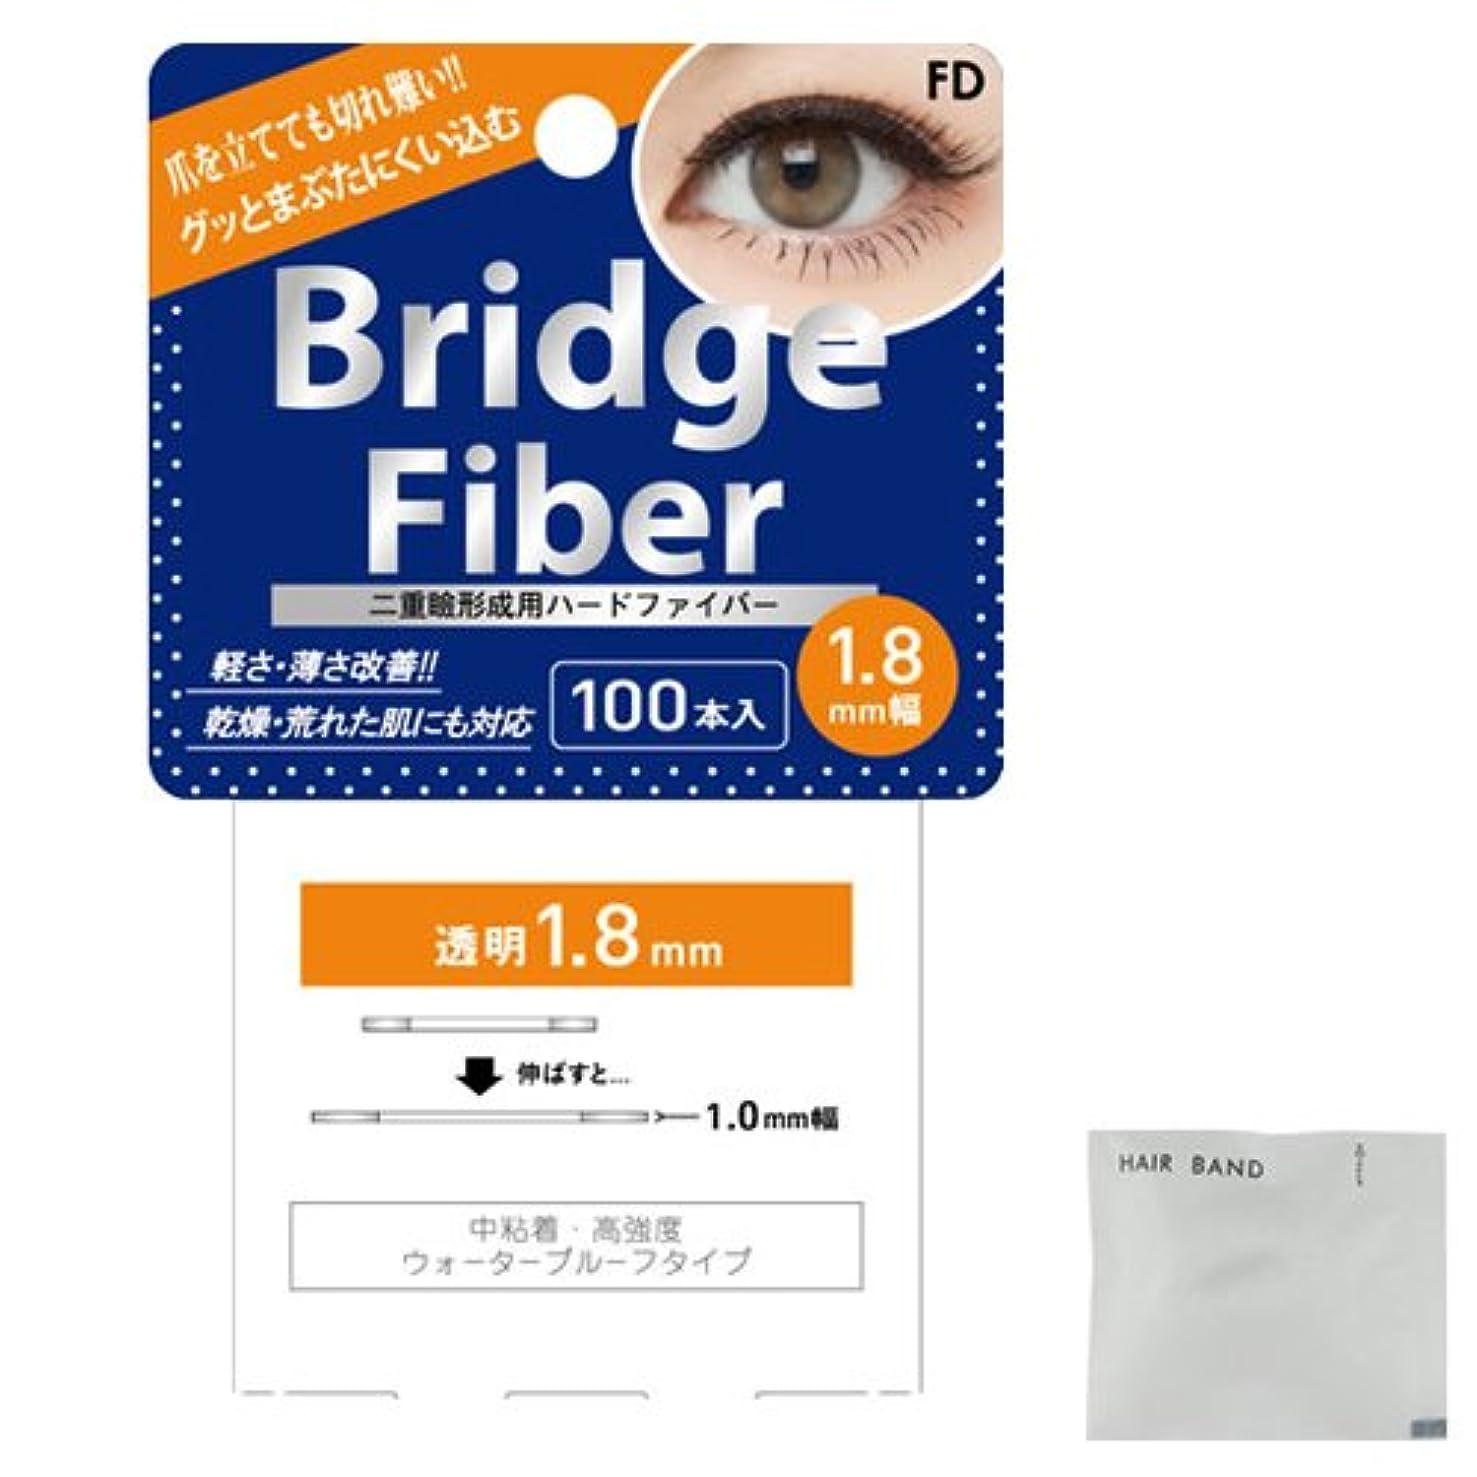 分類するめんどり浴室FD ブリッジファイバーⅡ (Bridge Fiber) クリア1.8mm + ヘアゴム(カラーはおまかせ)セット